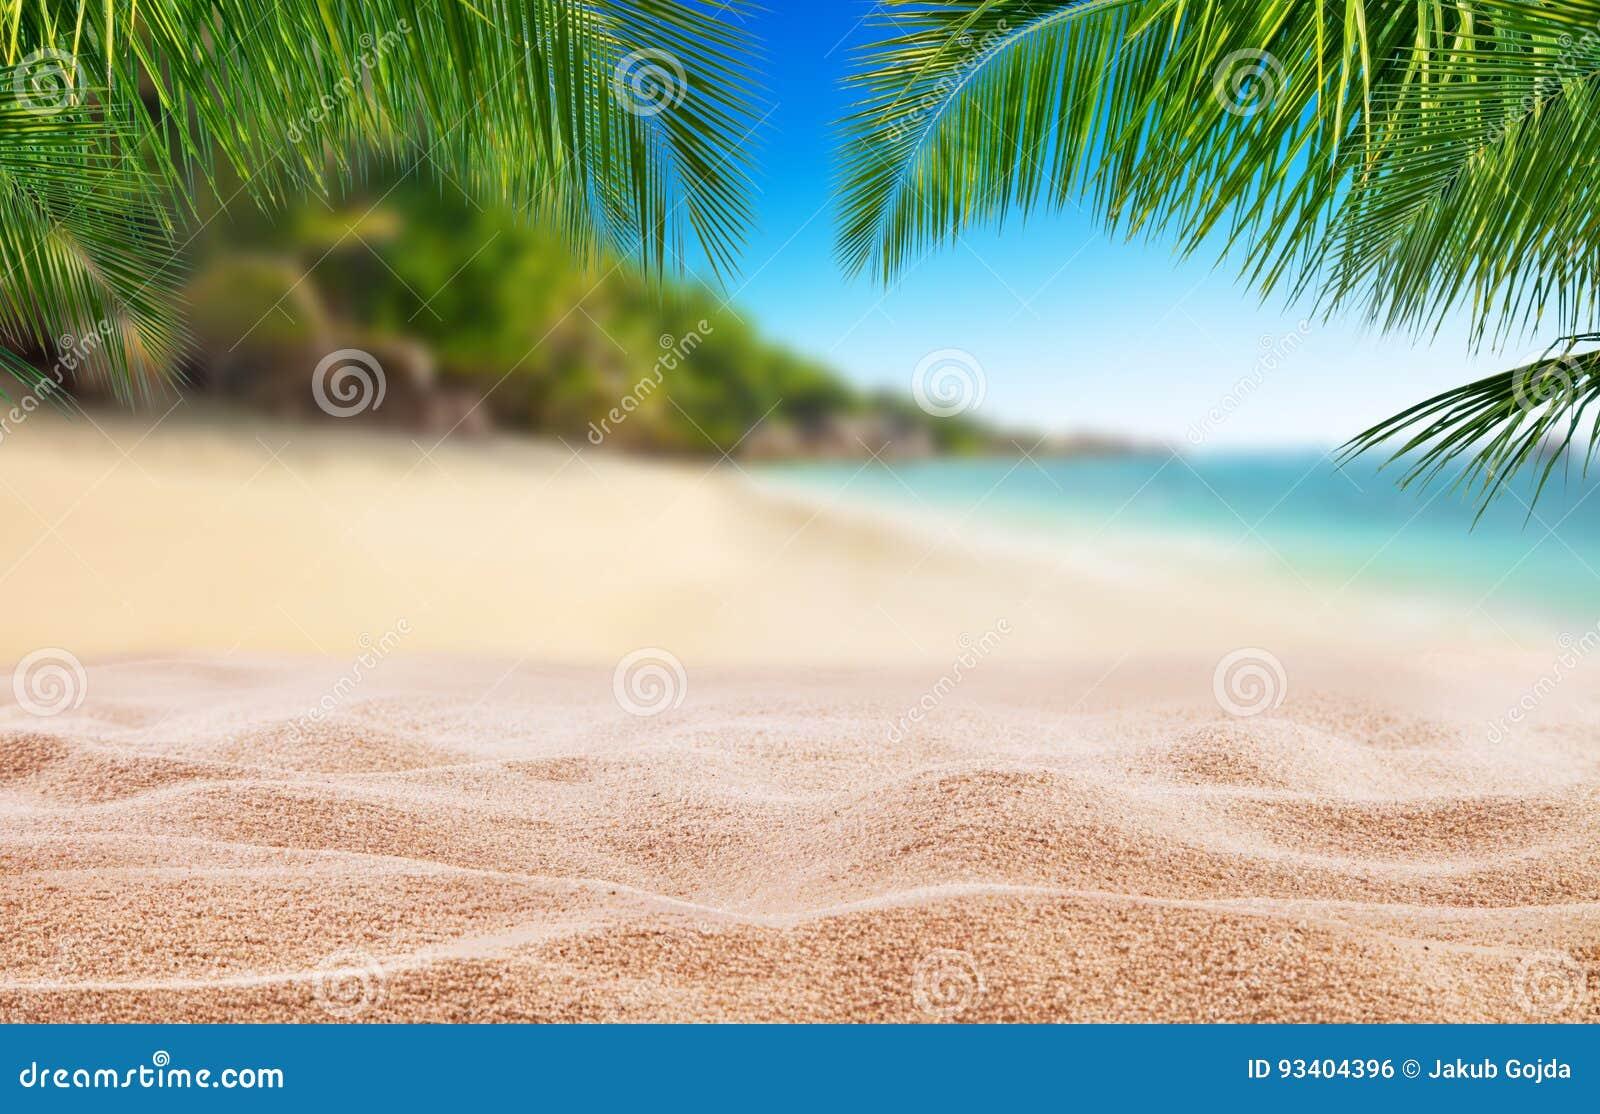 Praia tropical com areia, fundo das férias de verão